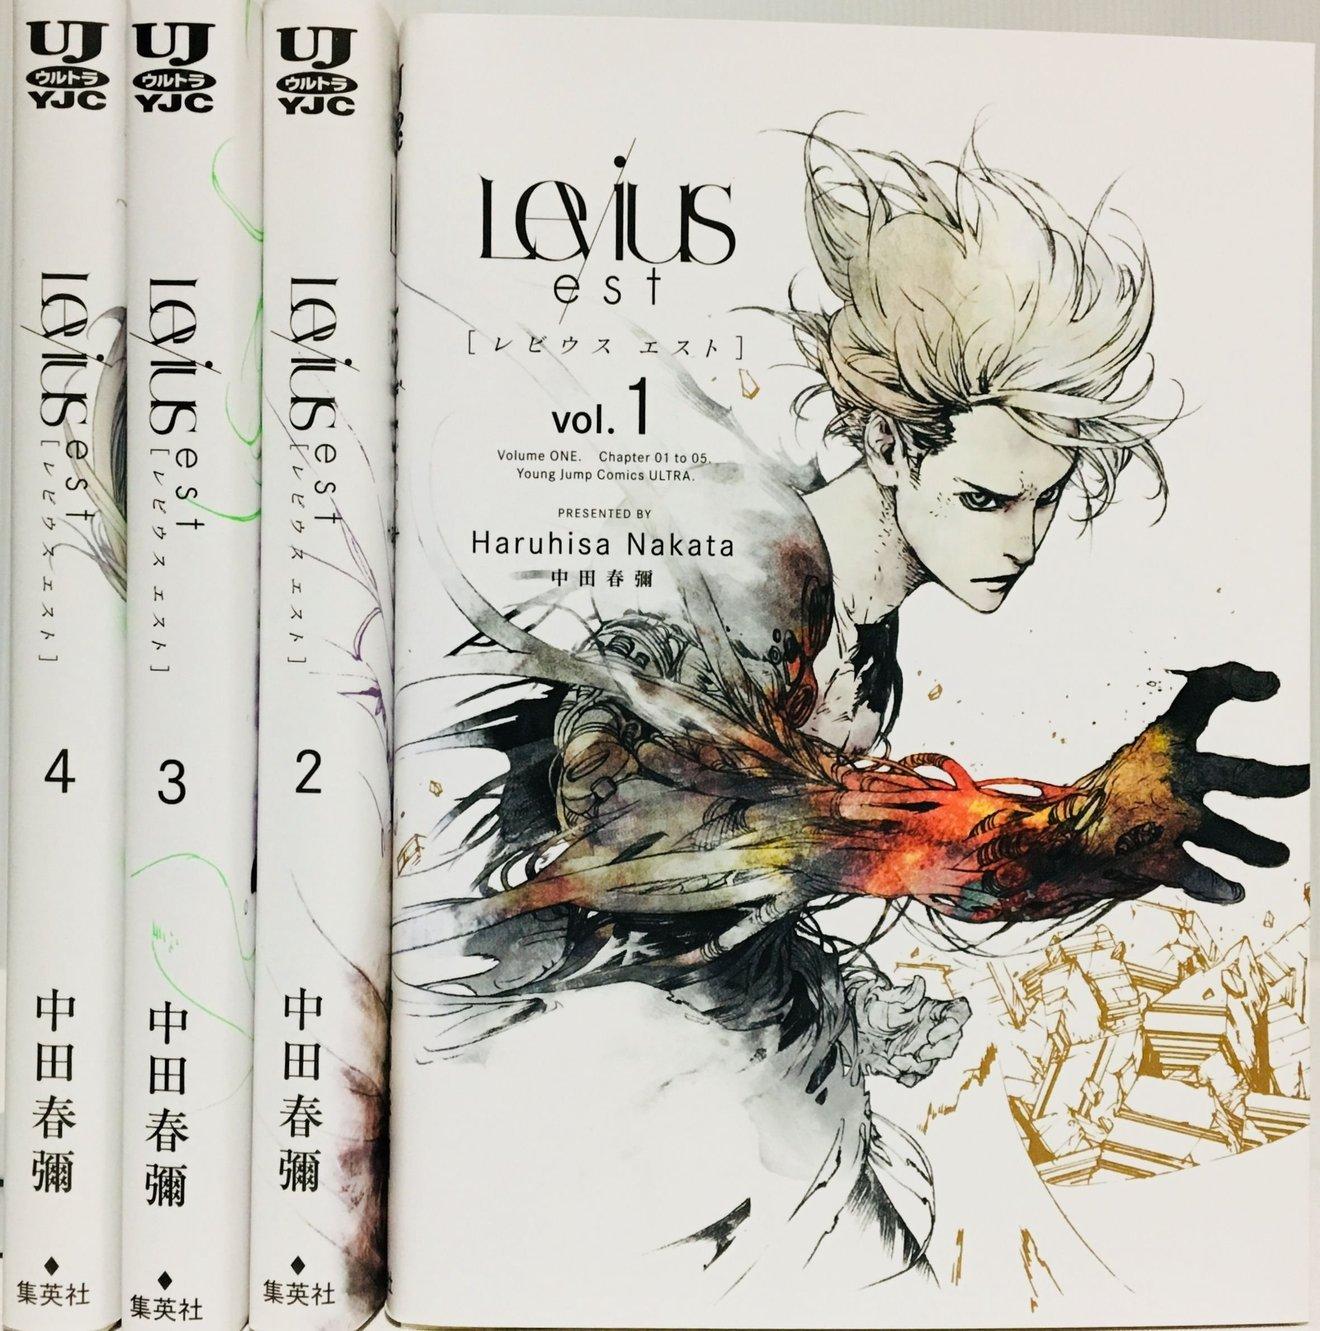 漫画「レビウス」が面白い!3つの魅力と「est」最新5巻をネタバレ紹介!